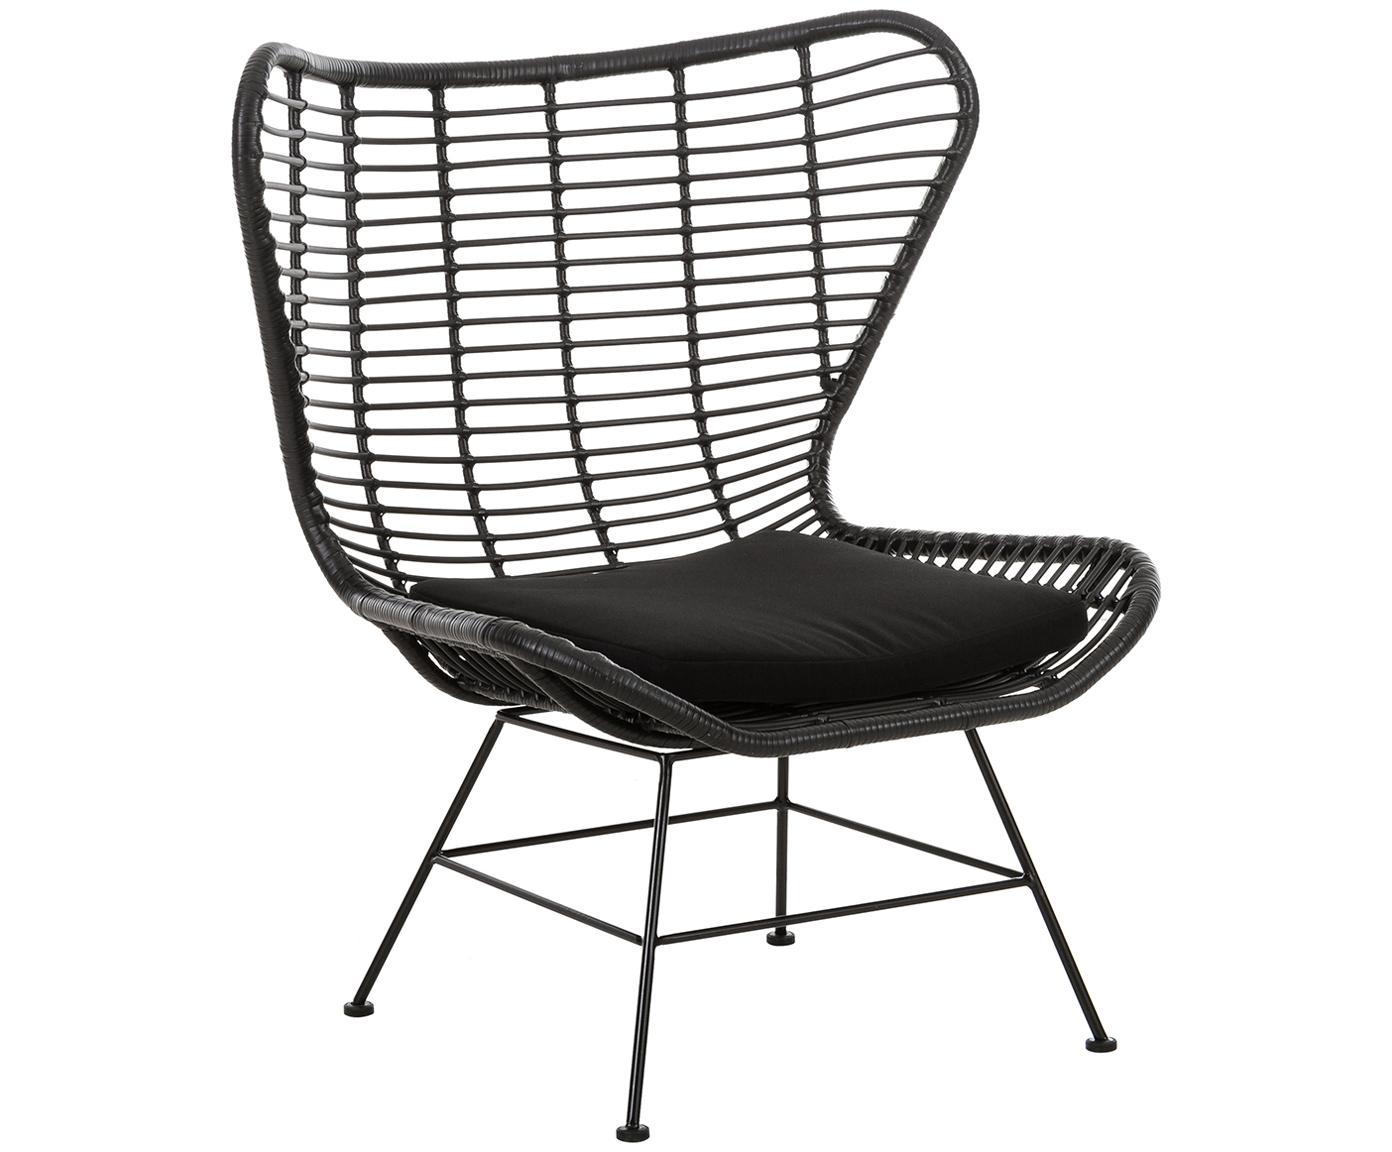 Fotel ogrodowy z polirattanu Costa, Stelaż: metal malowany proszkowo, Czarny, S 90 x G 89 cm